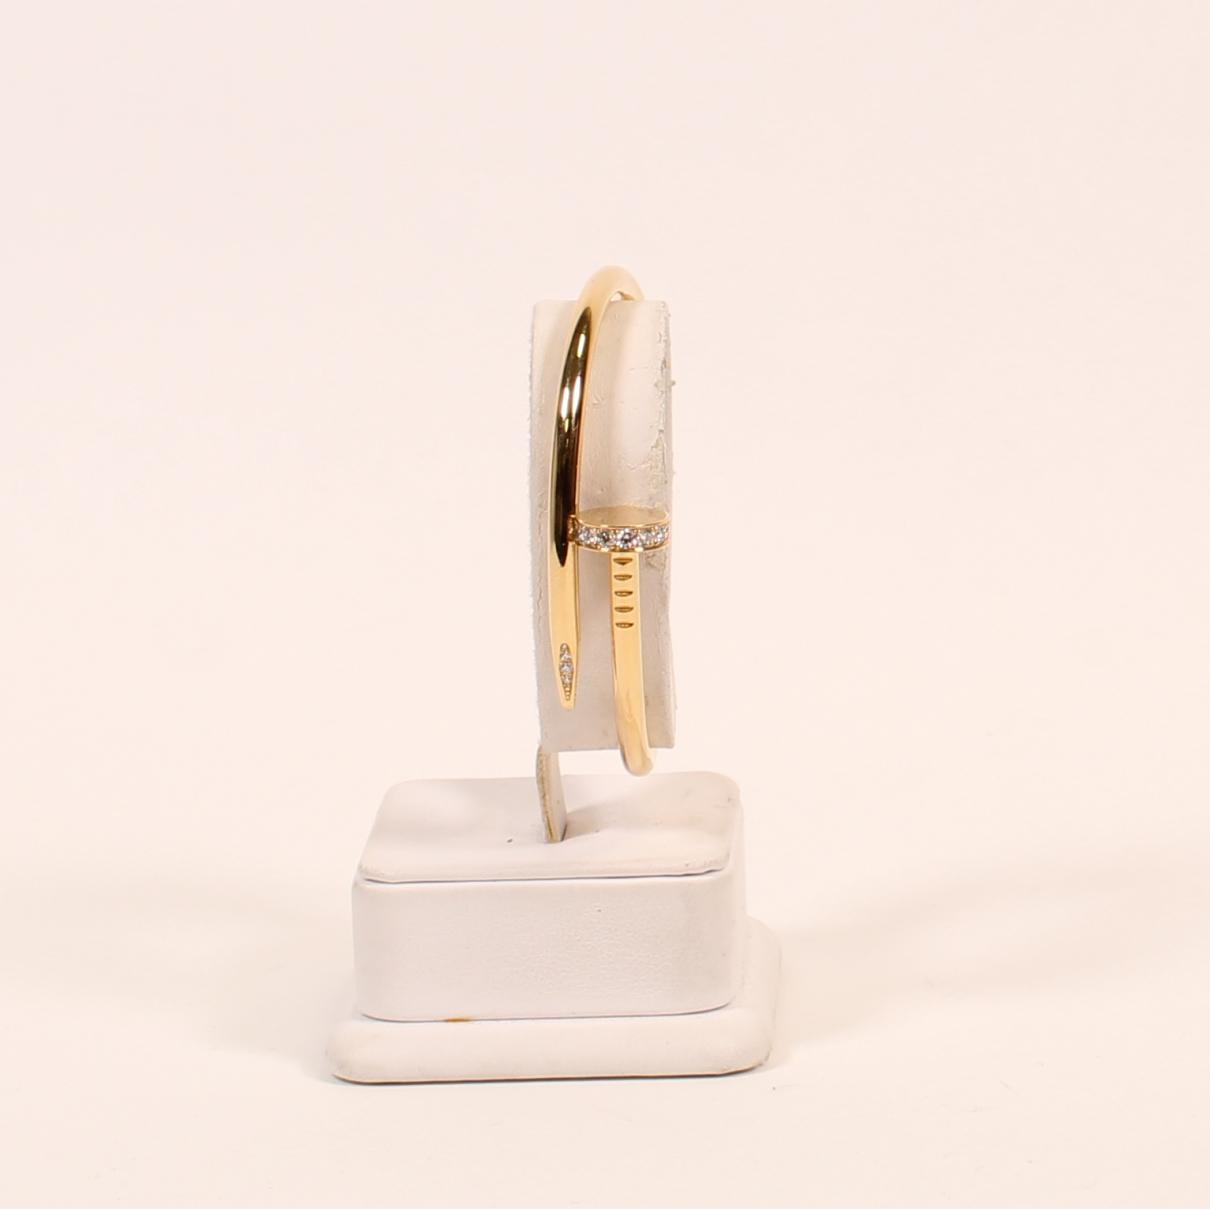 Pulsera Juste un Clou de Oro amarillo Cartier